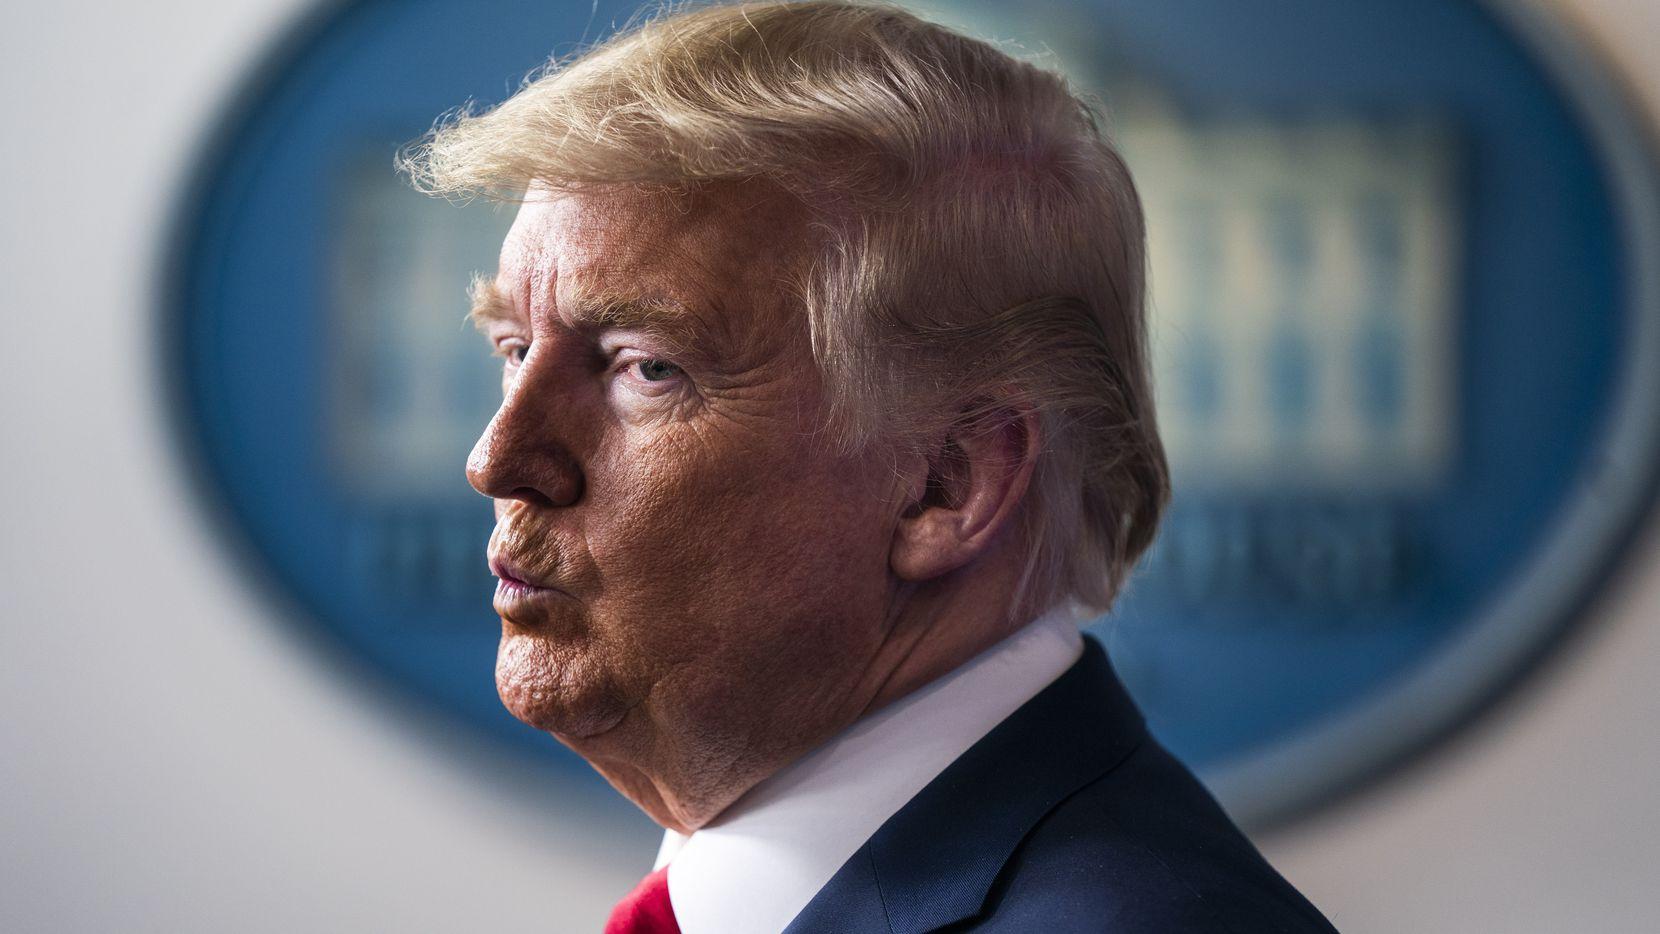 Donald Trump estará en Dallas para recaudar fondos. También estará en un panel para hablar de temas raciales y policía.